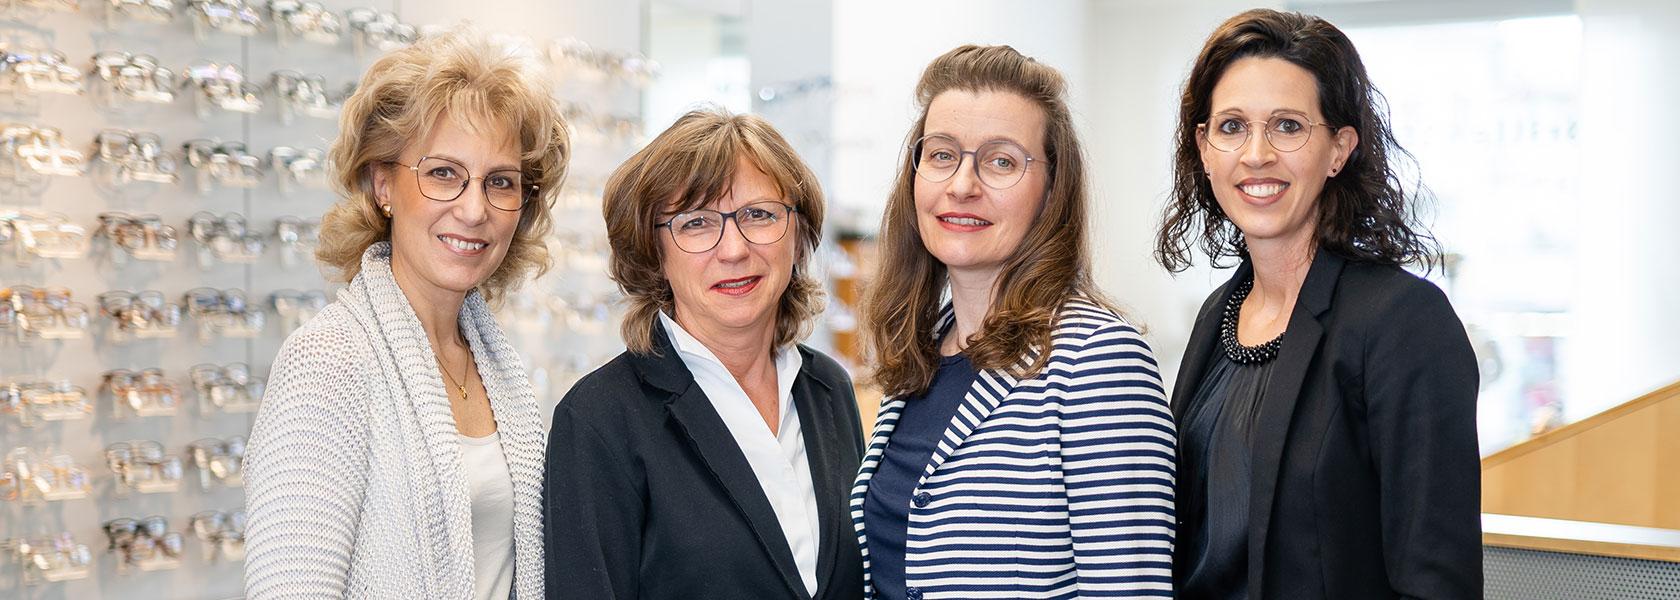 Brillenstudio Stadtplatz Wernau Team